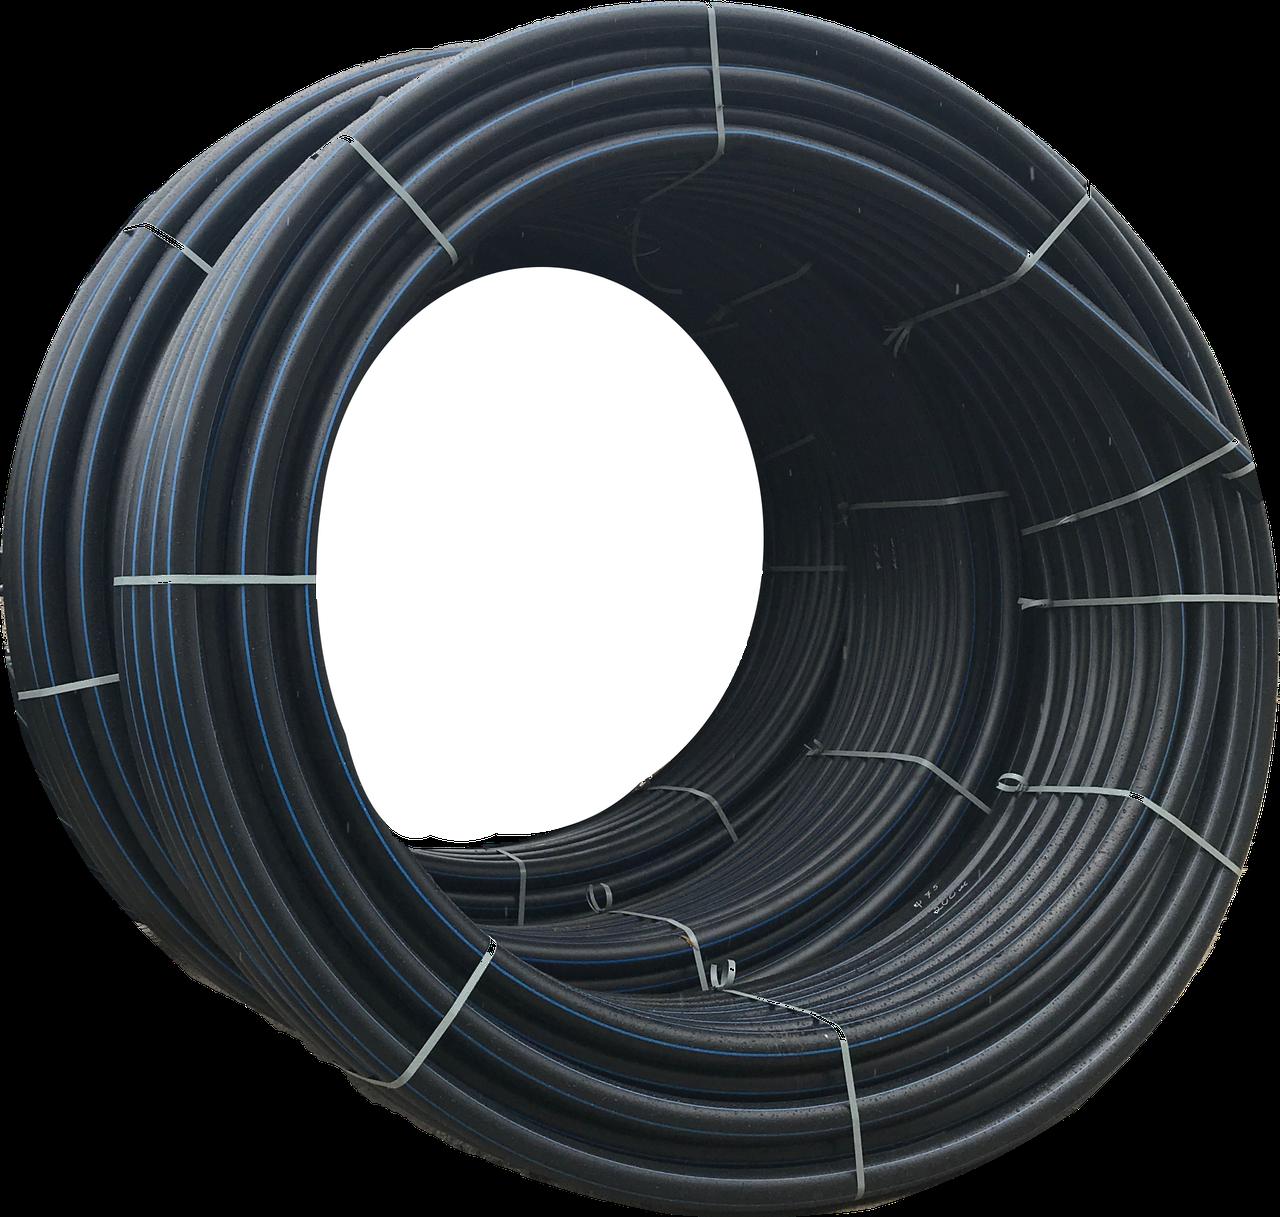 Труба поліетиленова для води 90х8,2мм бухта 100м ПЕ100 SDR11 16 атм харчова